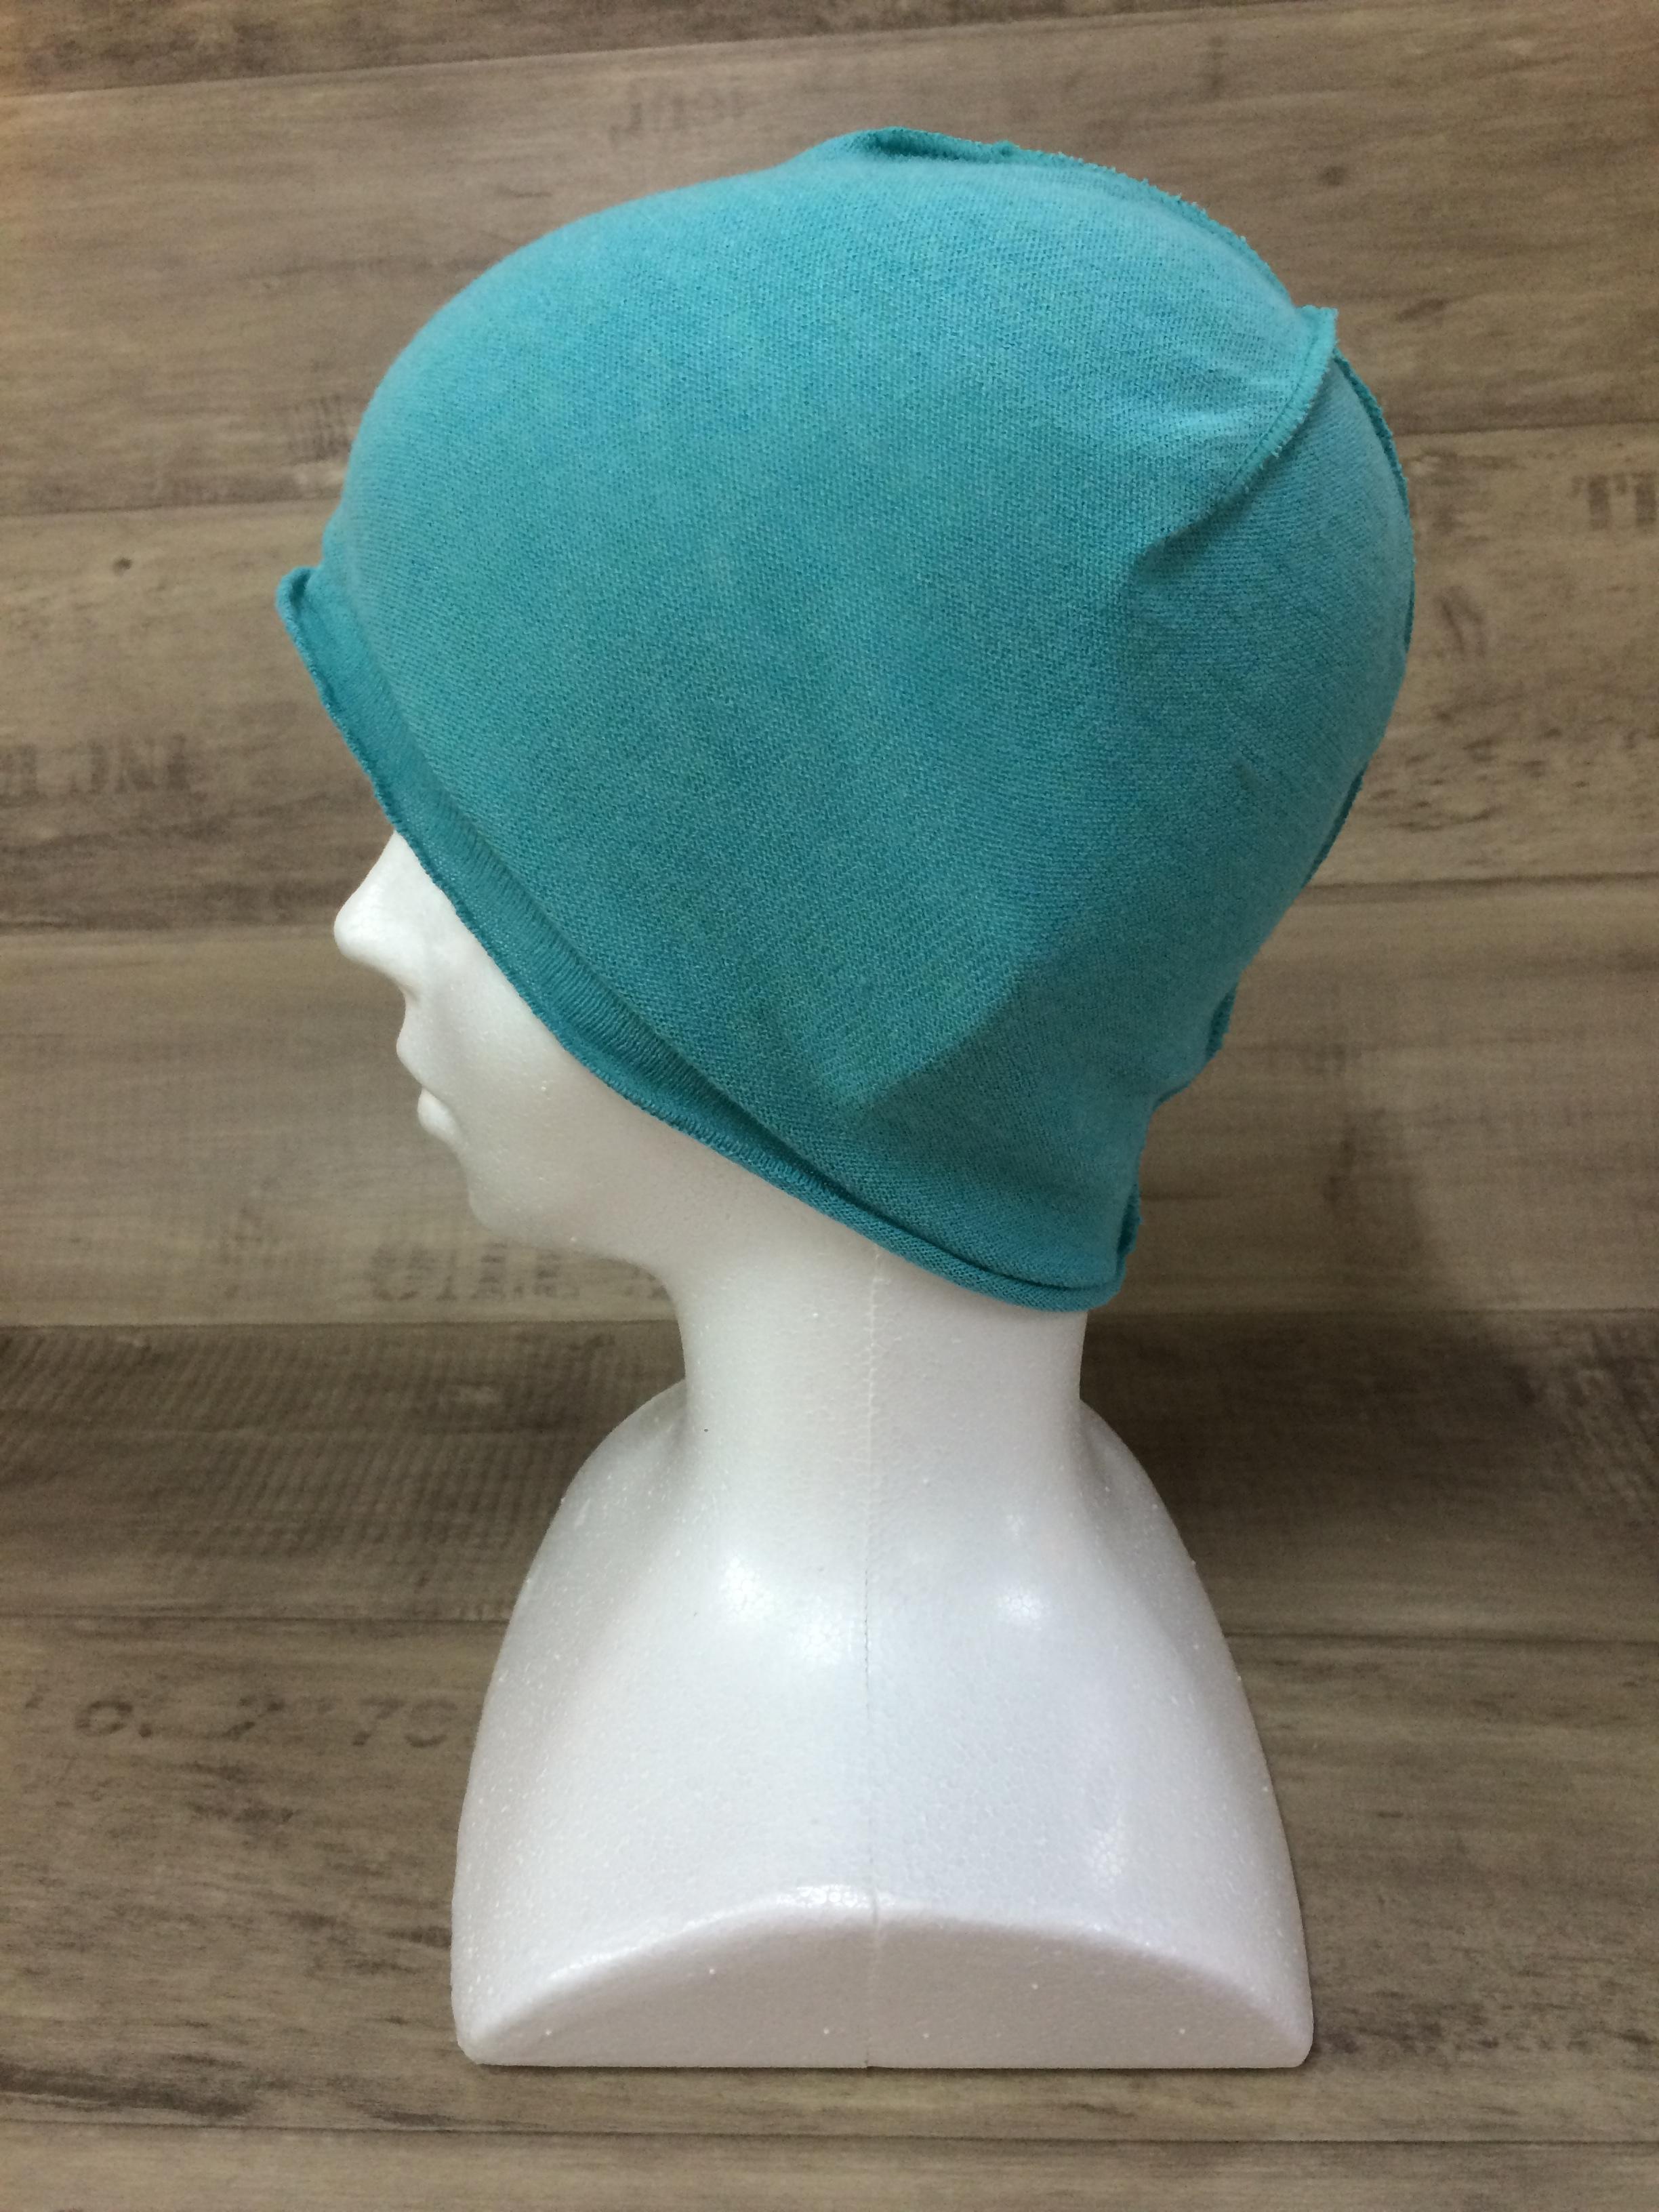 【送料無料】こころが軽くなるニット帽子amuamu|新潟の老舗ニットメーカーが考案した抗がん治療中の脱毛ストレスを軽減する機能性と豊富なデザイン NB-6057|ソーダ <オーガニックコットン インナー>